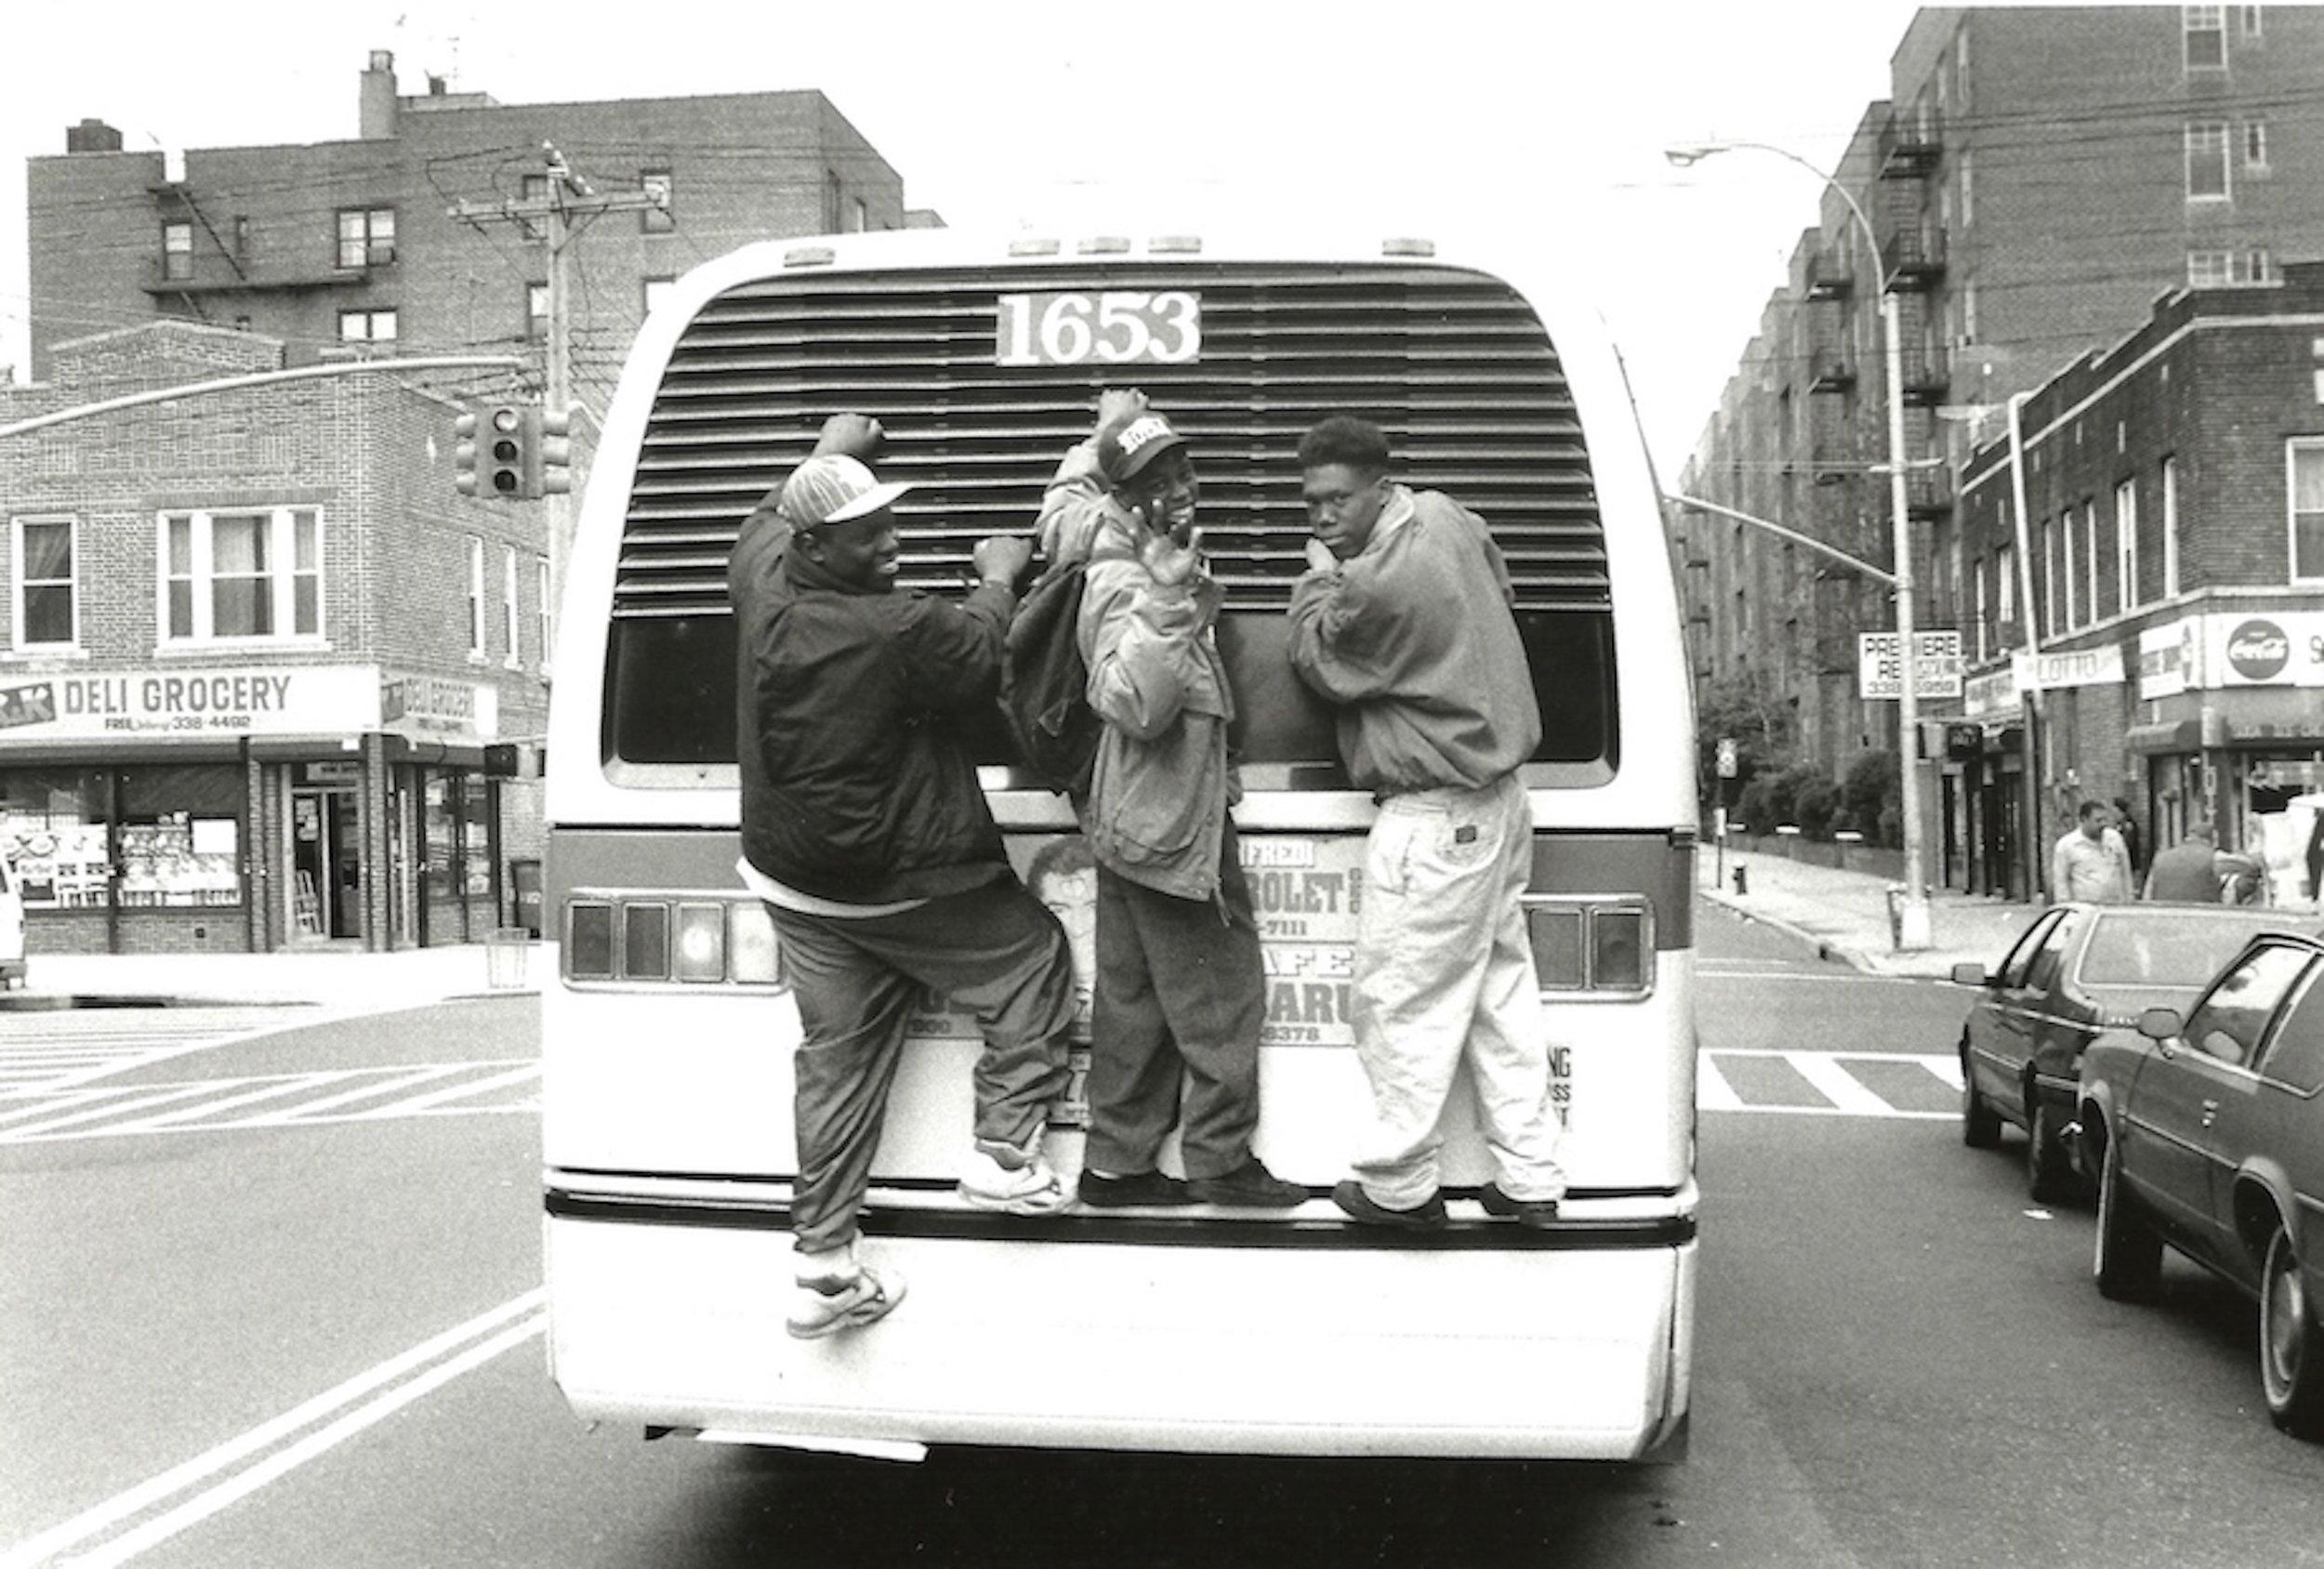 Jamel Shabazz, 'Joy Riding', 1988, Black & White Archival Print, 8 X 10 inches.jpg